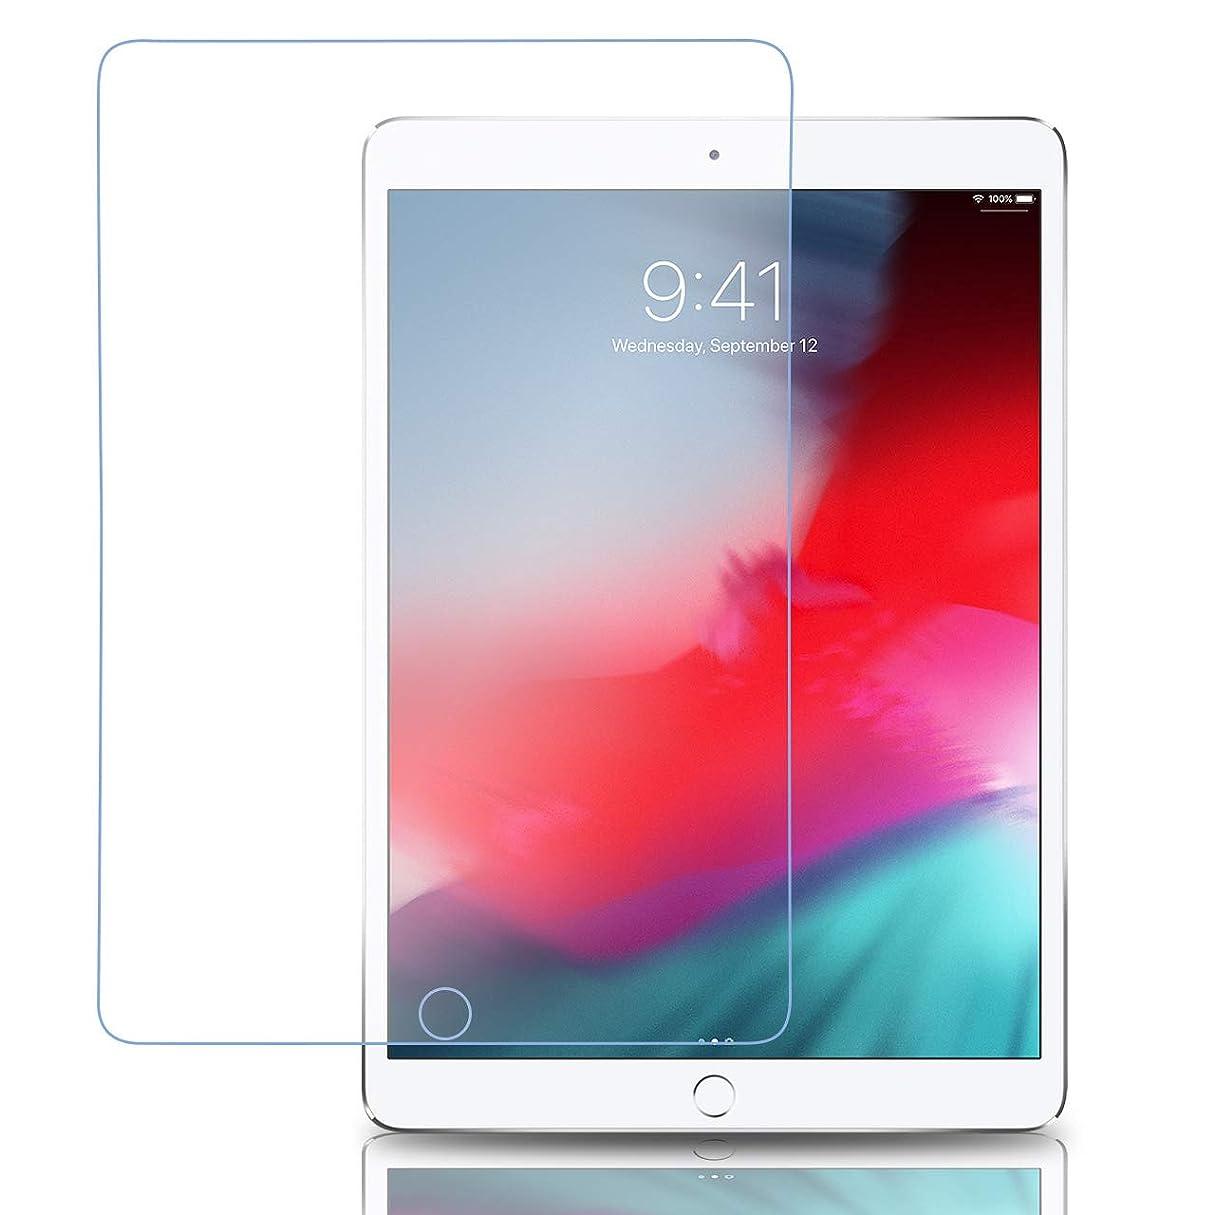 軽蔑放出毎日iPad 7.9インチ ipad mini5 / mini4 ガラスフィルム フィルム 強化ガラス ブルーライトカット 液晶 保護フィルム ipadmini5 ipadmini4 アイパッド ミニ 4 5 アイパッドミニ フィルム NB 耐衝撃 ガラス ipadmini 7.9